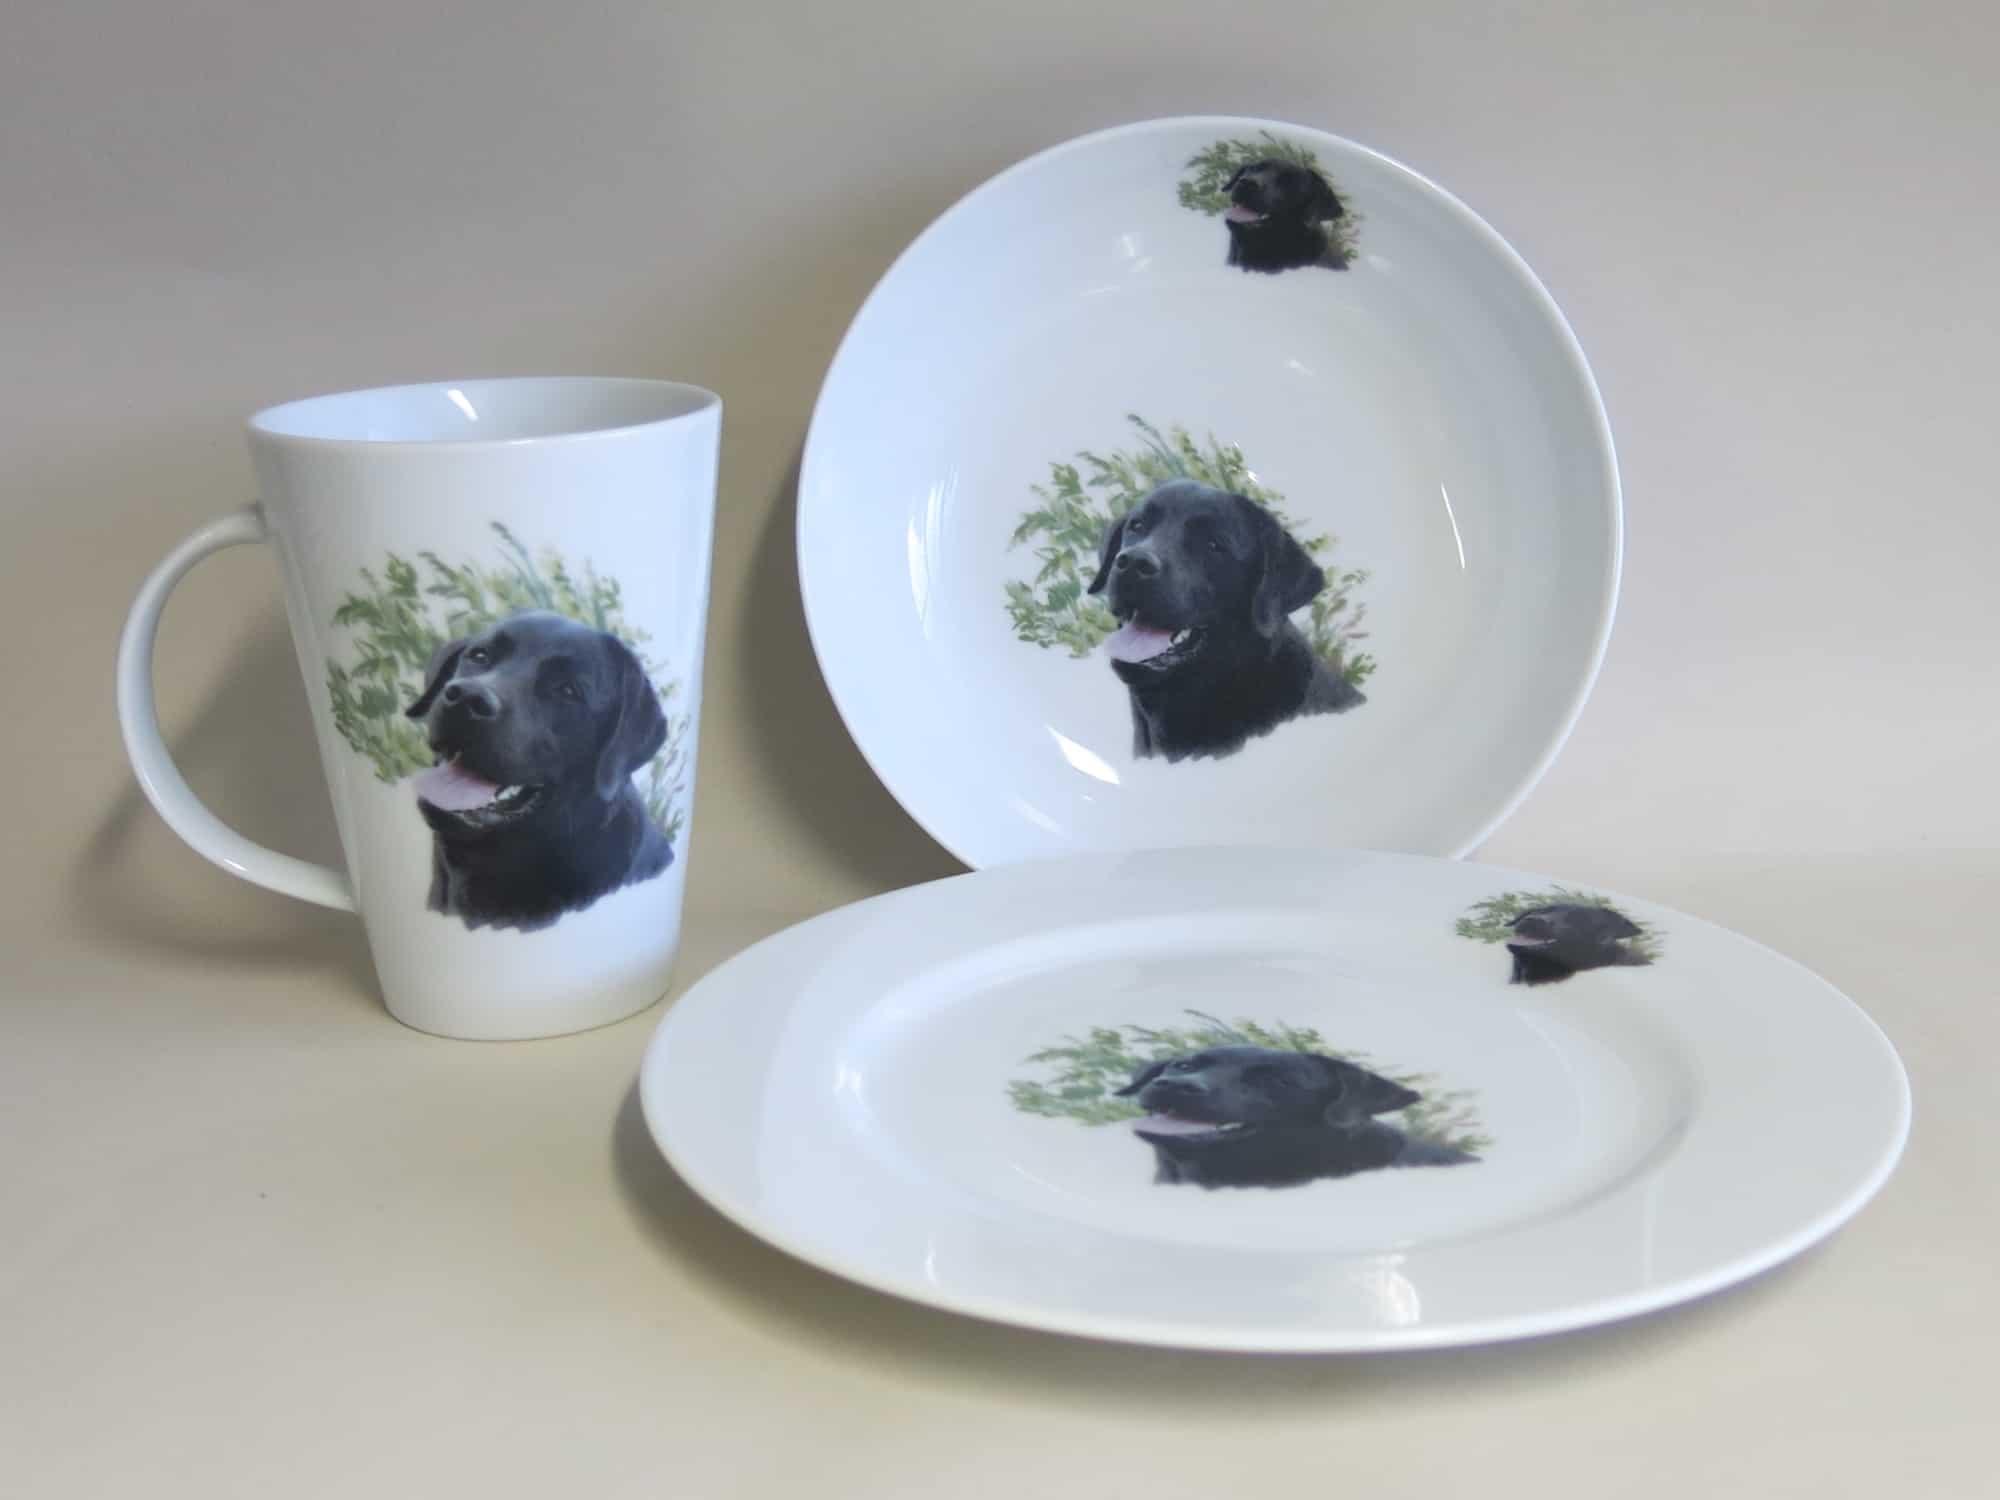 Dreiteiliges Frühstücksgeschirr aus Porzellan Becher 350 ml Teller 21, 5 cm und Schüssel 17 cm mit Hundeportrait schwarzer Labrador.